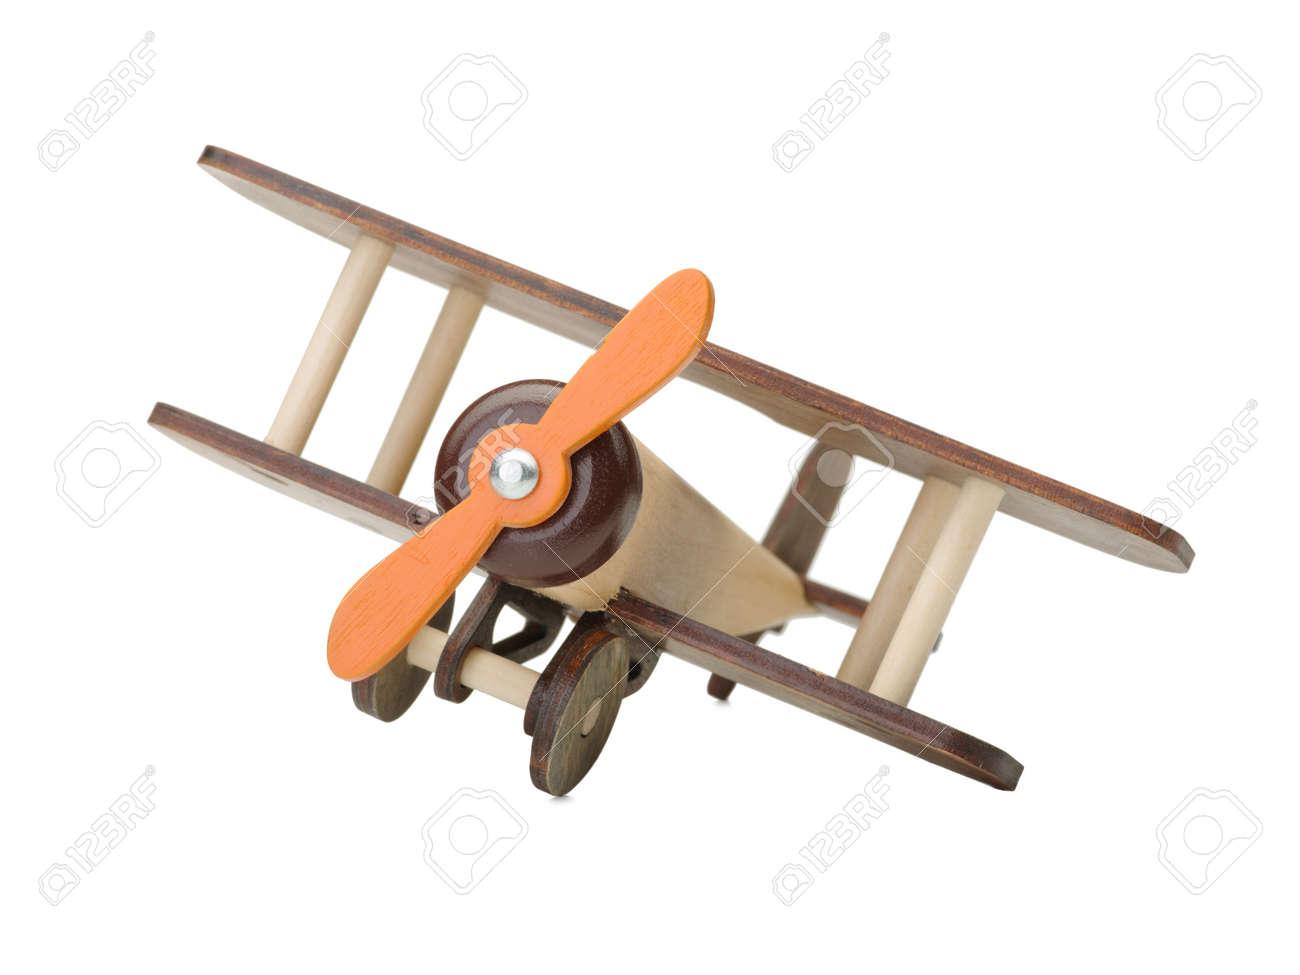 Avion De Juguete De Madera Aislado En Blanco Primer Plano De Un